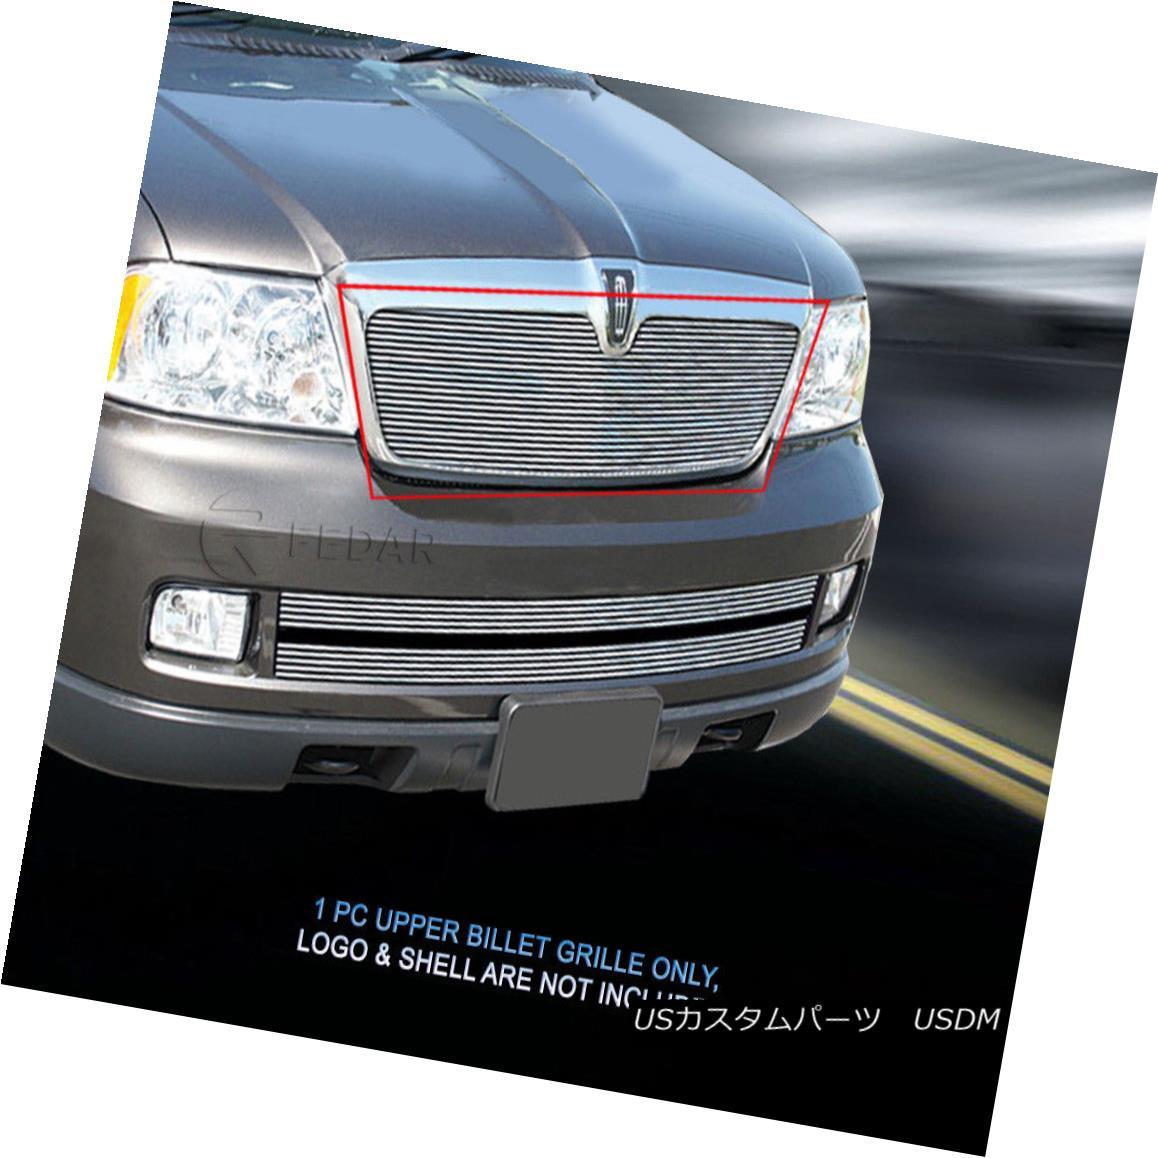 グリル Fedar Fits 2003-2006 Lincoln Navigator Polished Main Upper Billet Grille Fedar Fitting 2003-2006リンカーン・ナビゲーター、メインアッパー・ビレット・グリルを研磨